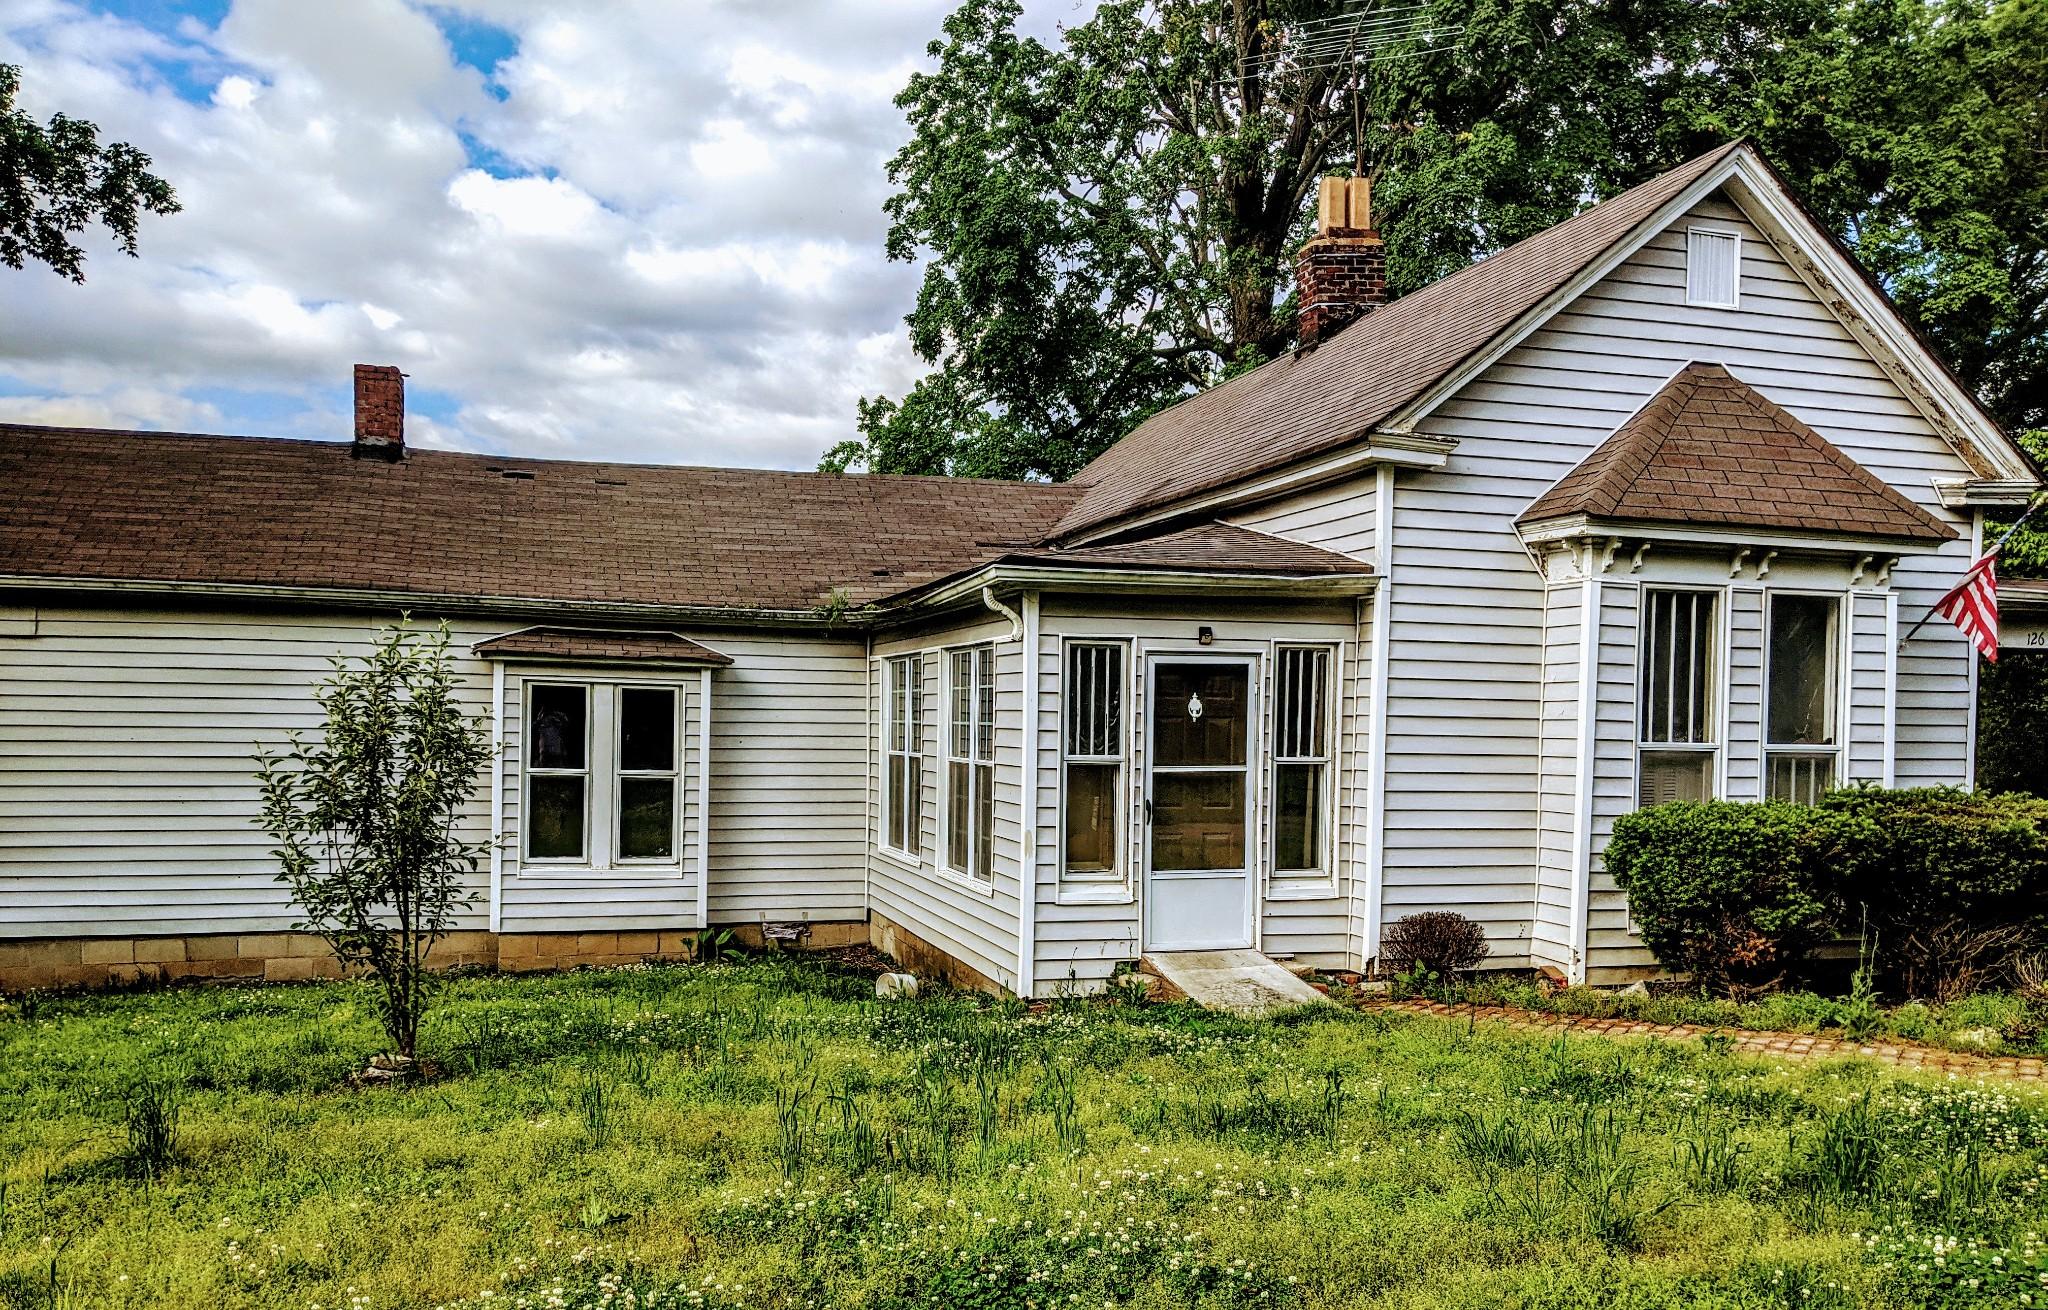 126 Railroad St, Cedar Hill, TN 37032 - Cedar Hill, TN real estate listing